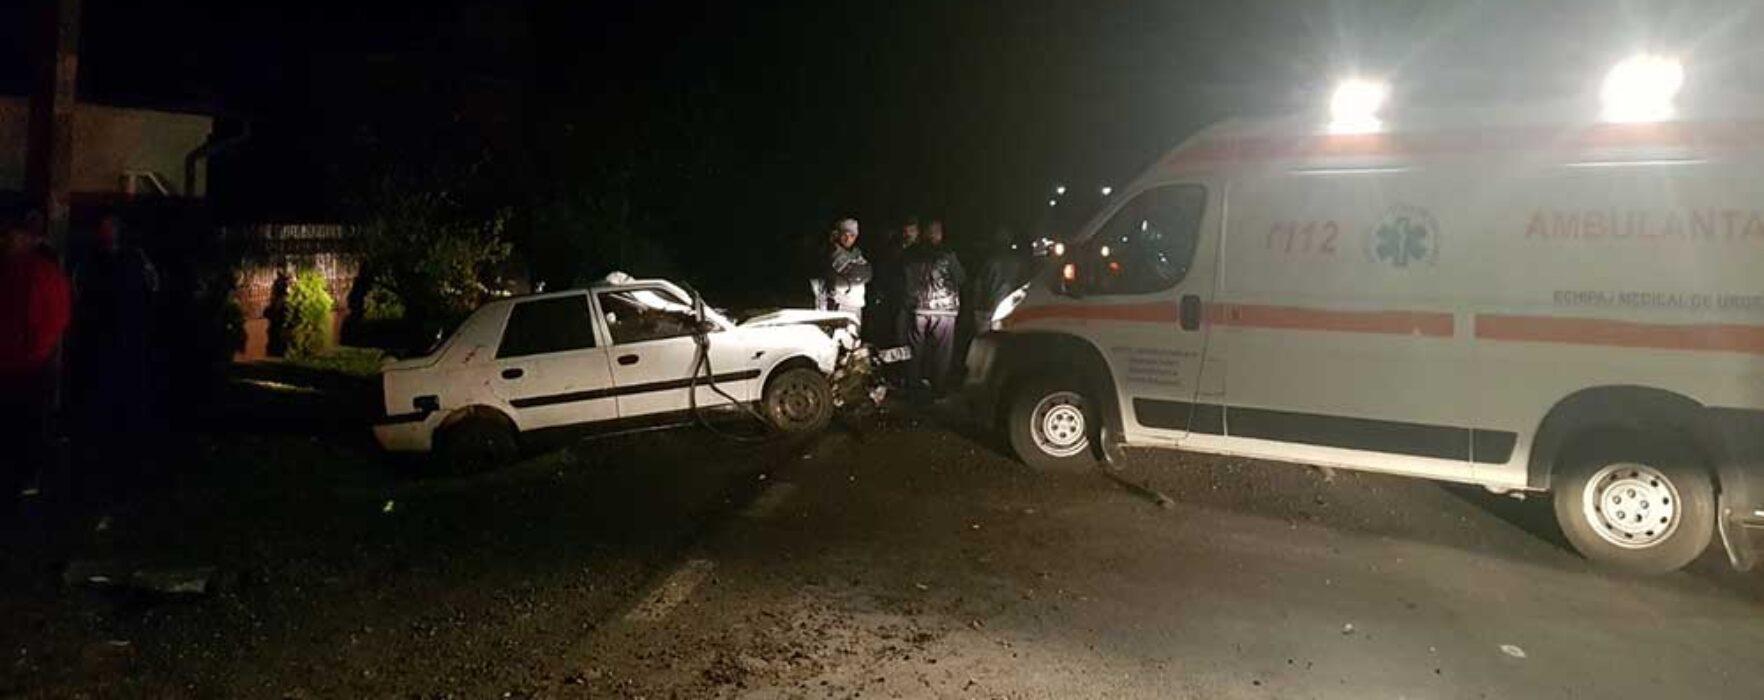 Dâmboviţa: Ambulanţă lovită de în trafic de o maşină care a intrat pe contrasens